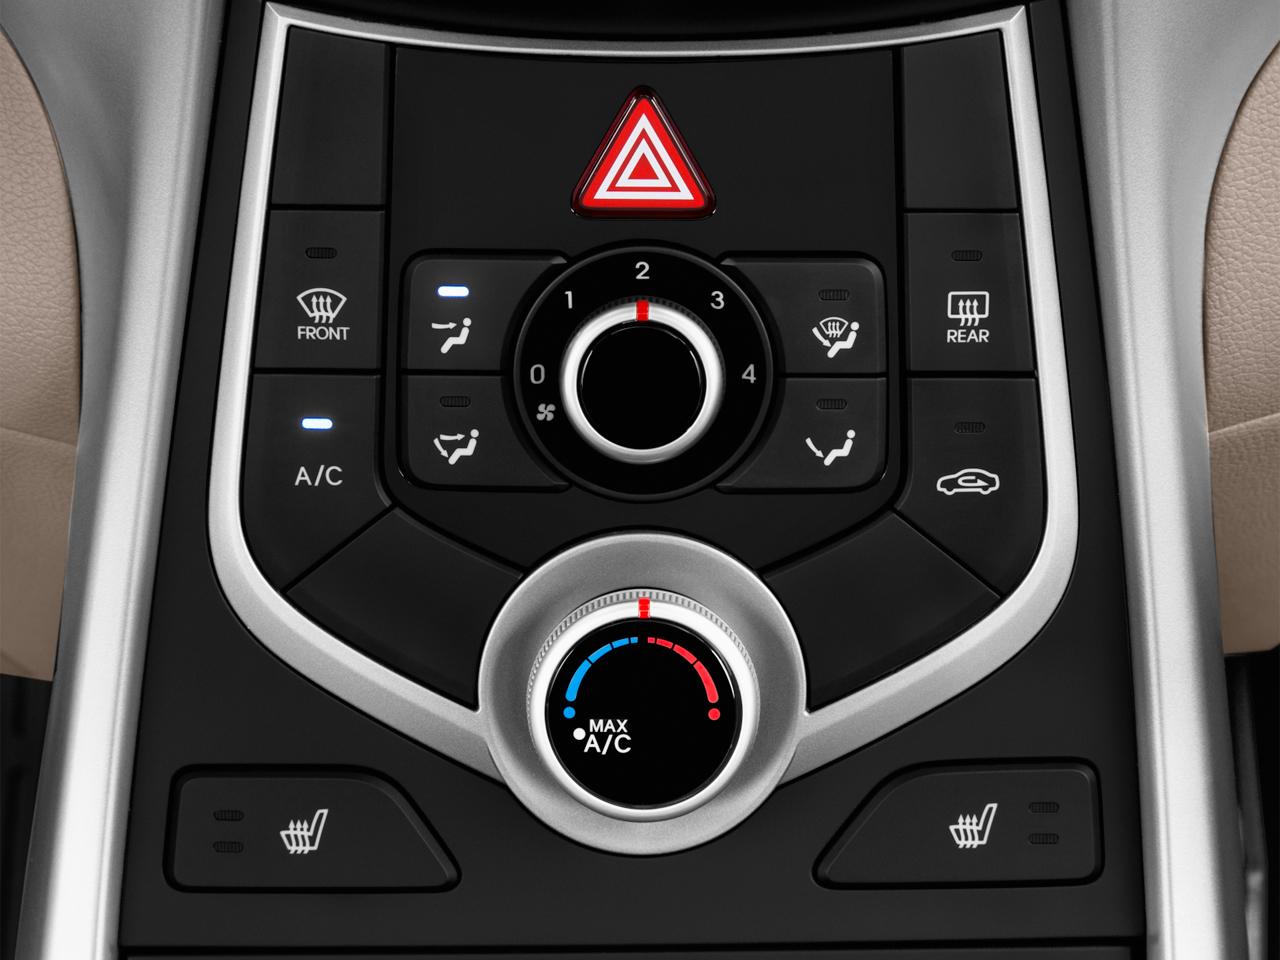 Nhiều chế độ lái, chức năng, an toàn được trang bị trên xe